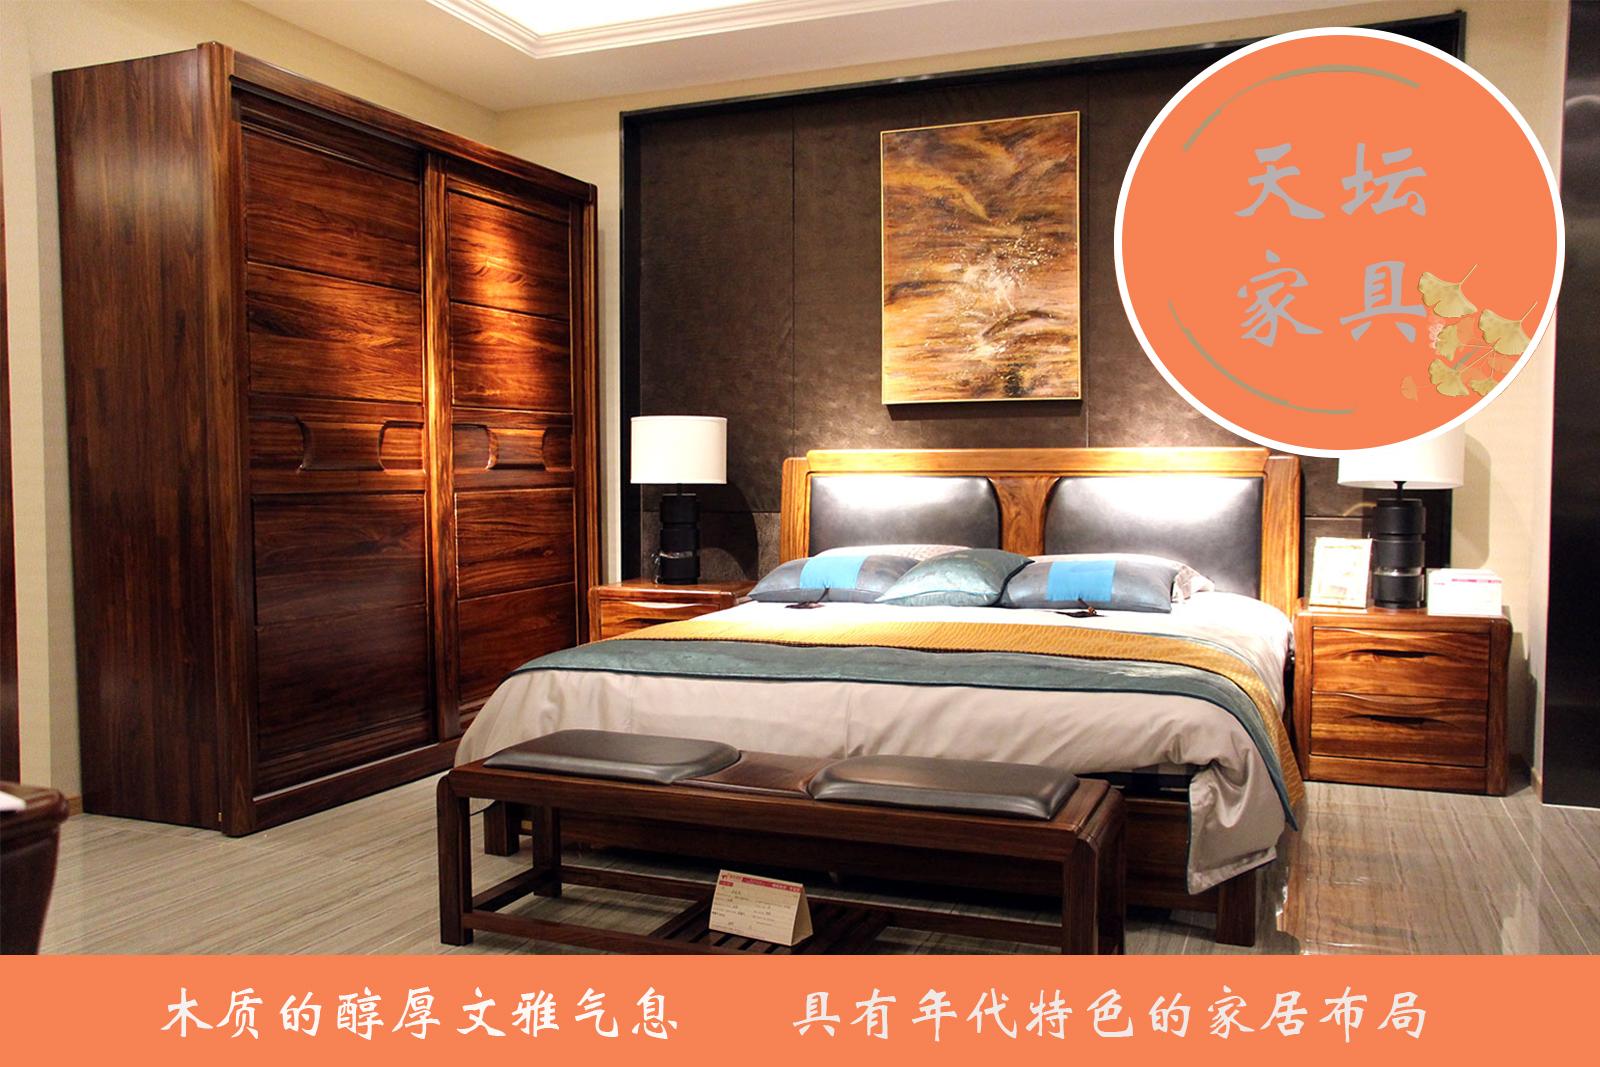 天坛家具让您一天的优质生活从卧室开启